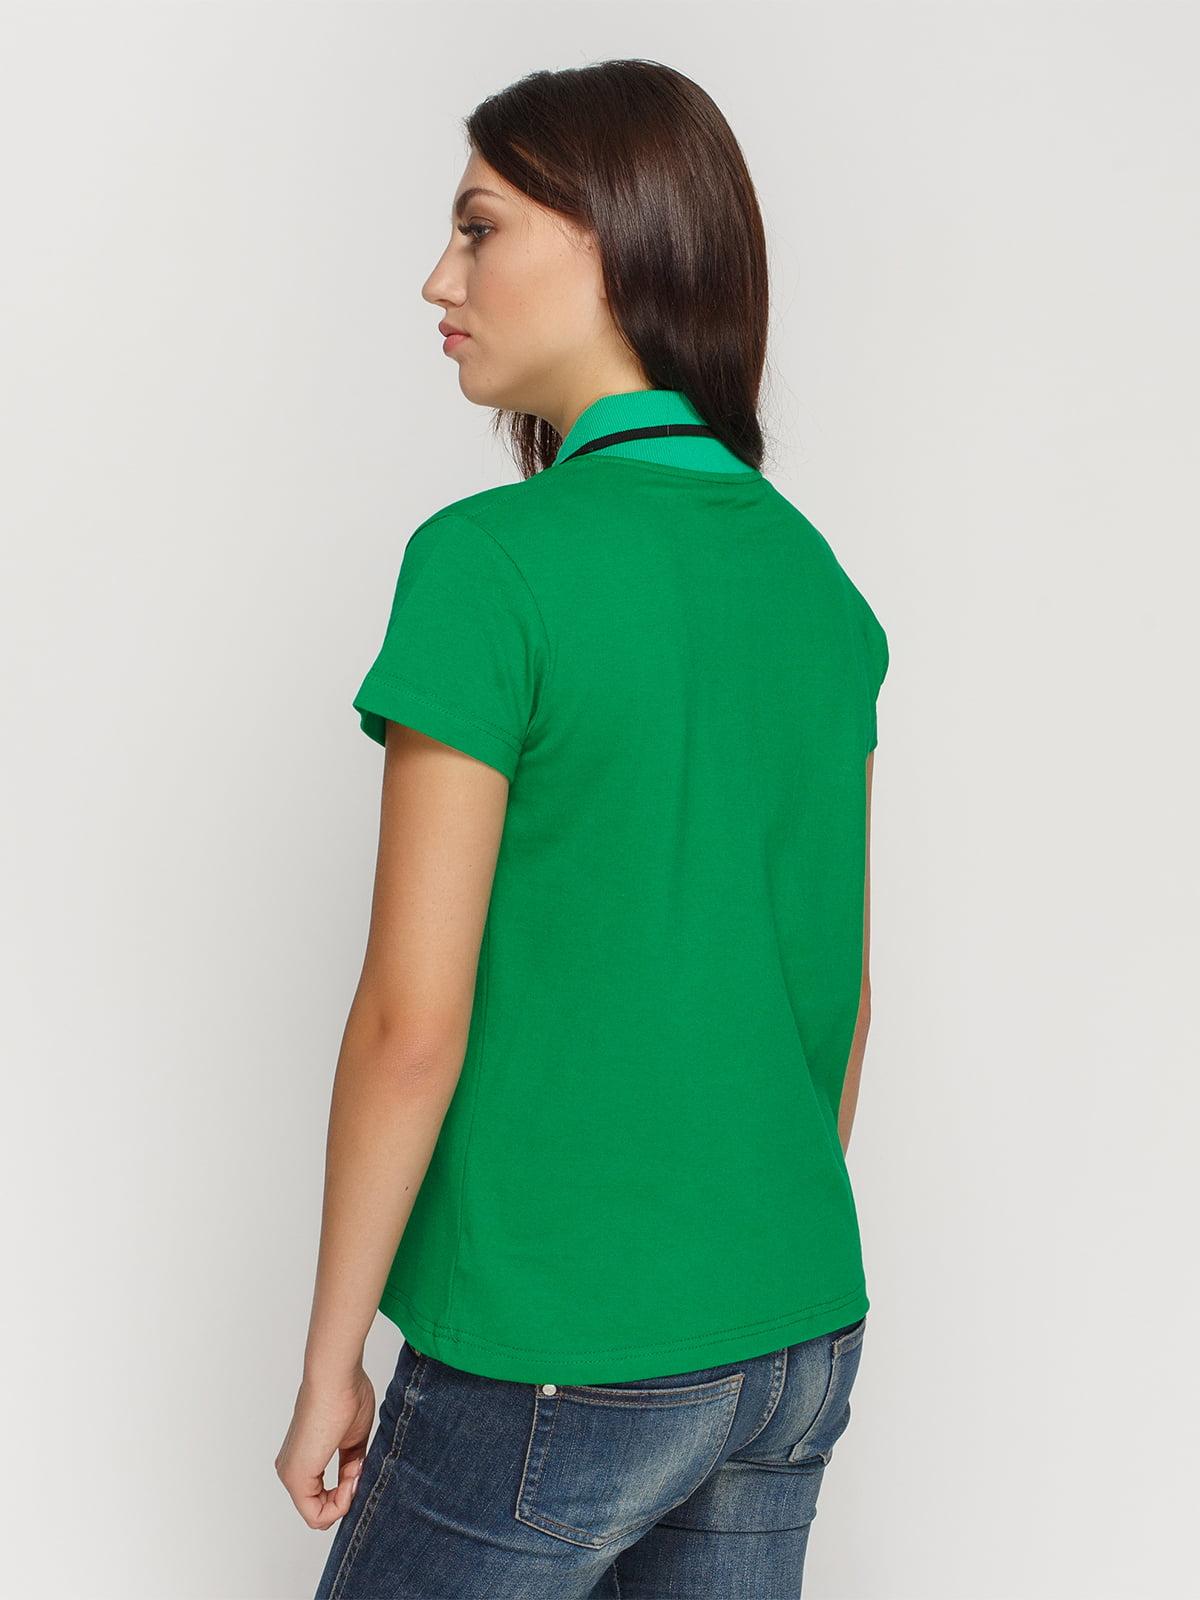 Футболка-поло зеленая с принтом | 4578483 | фото 2